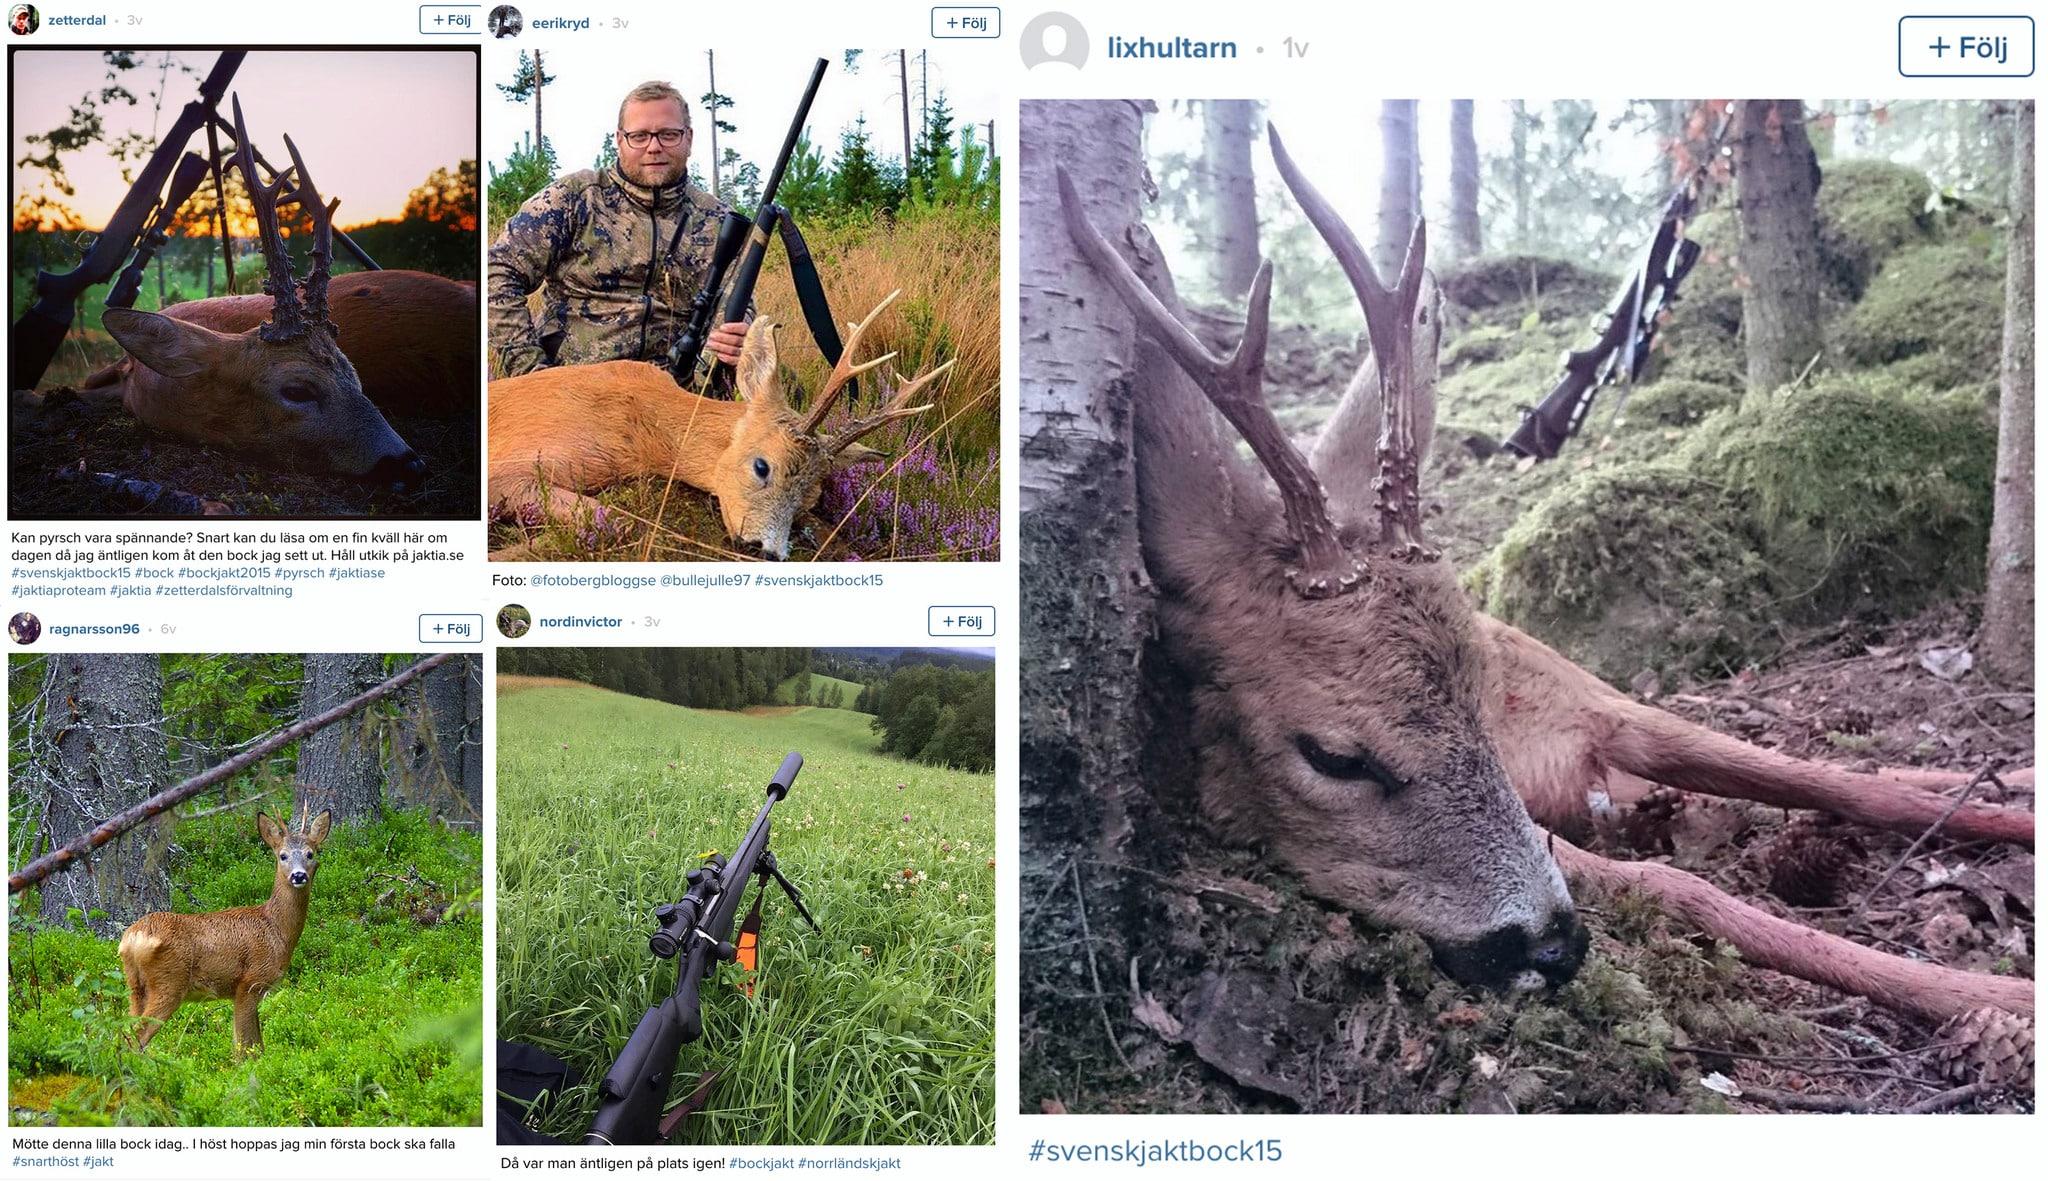 Fem vinnare från Svensk Jakts Instagramtävling #svenskjaktbock15.